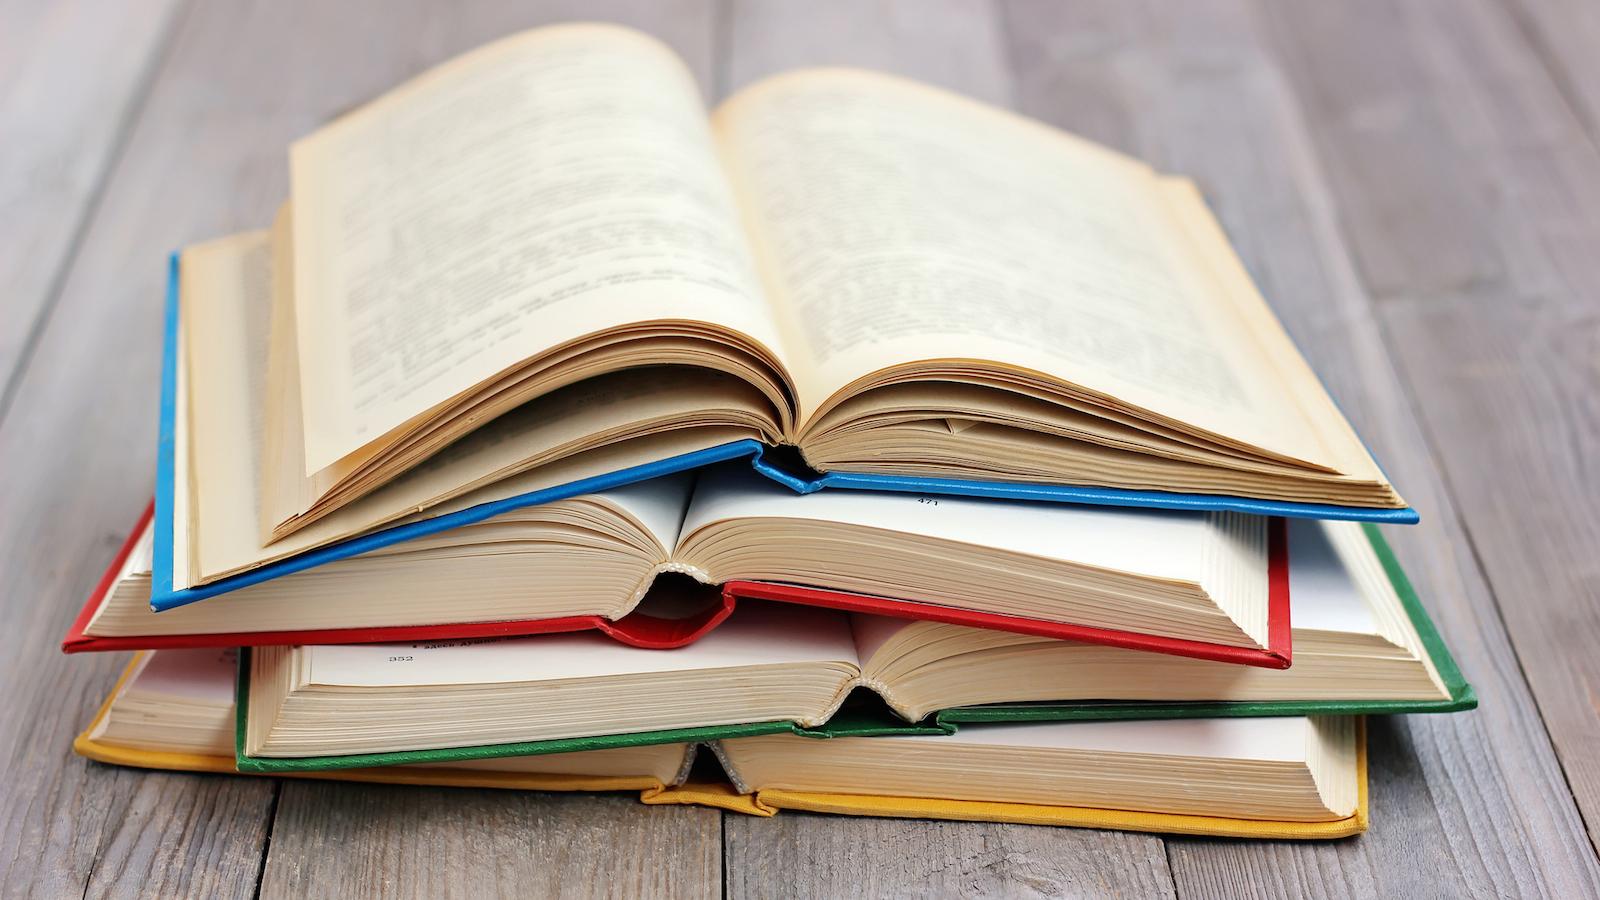 Методологические основы изучения обзорных тем в школьном курсе литературы